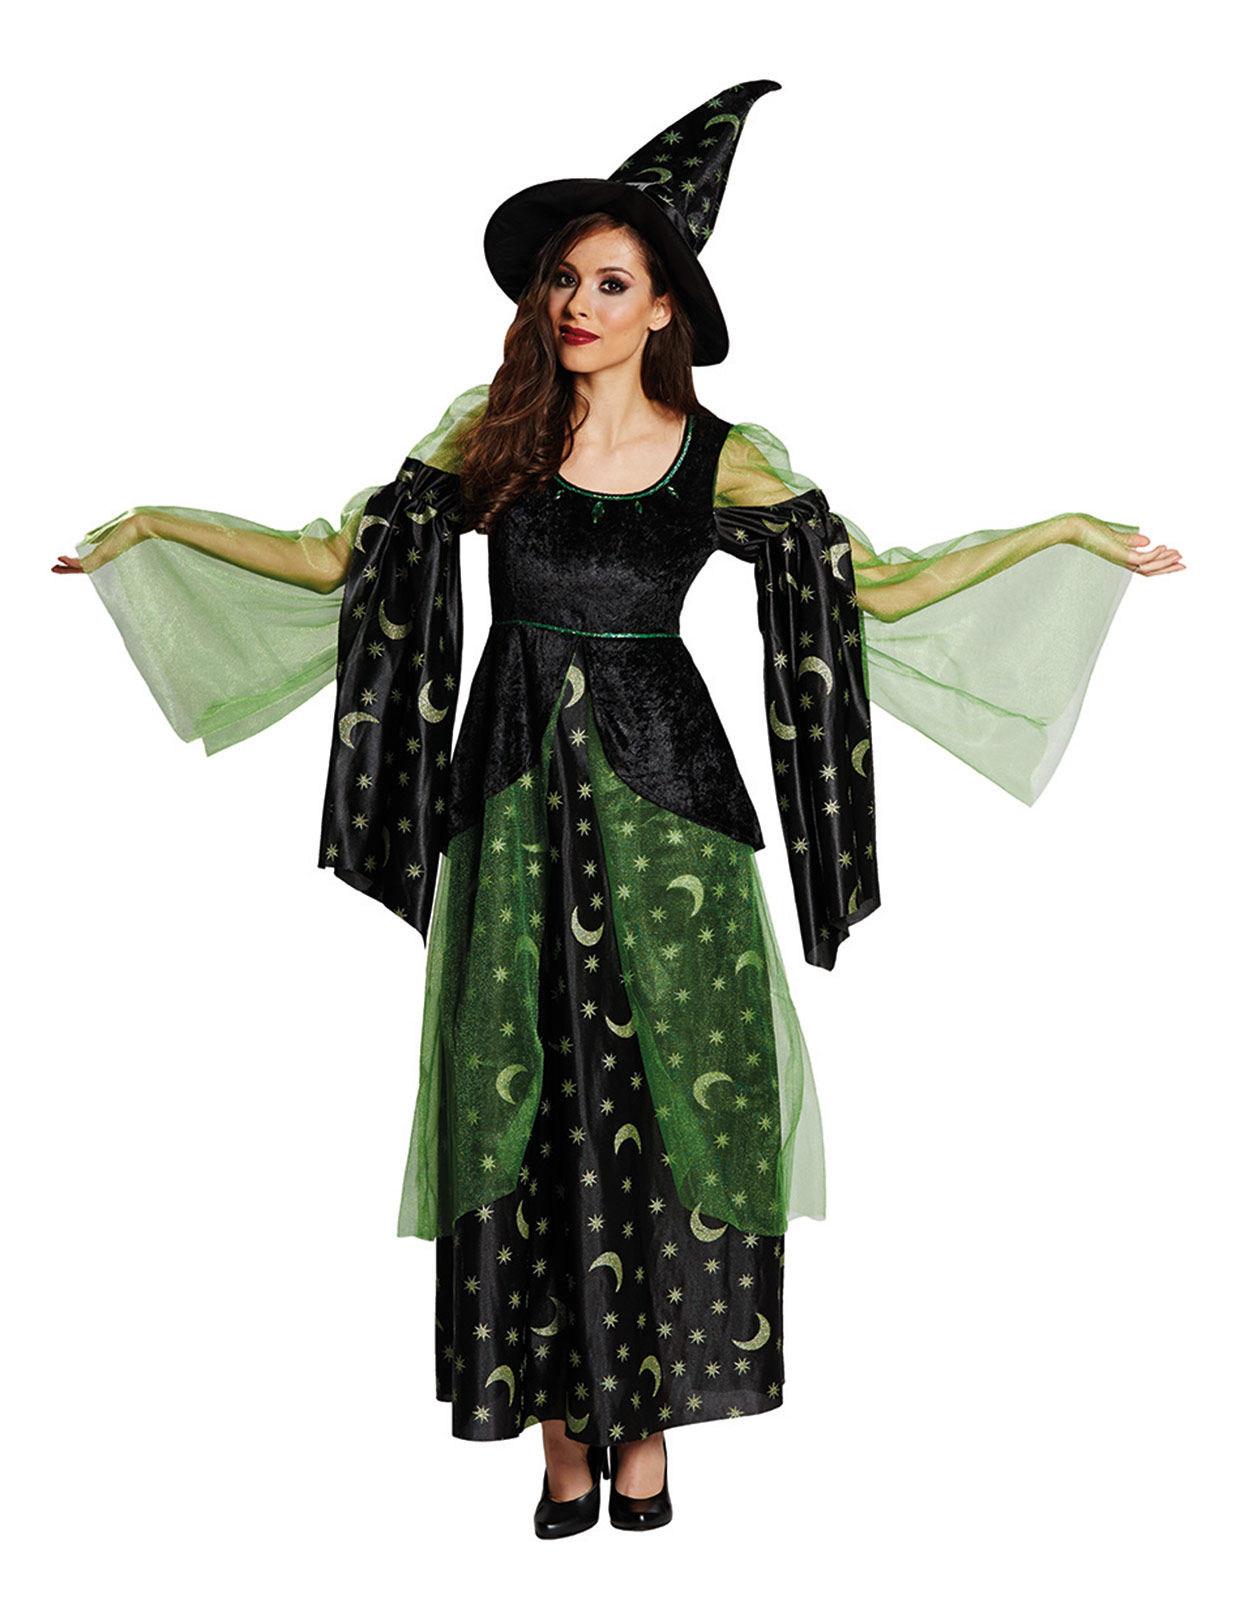 f5cb6e4e842 Déguisement sorcière voyante femme   Deguise-toi